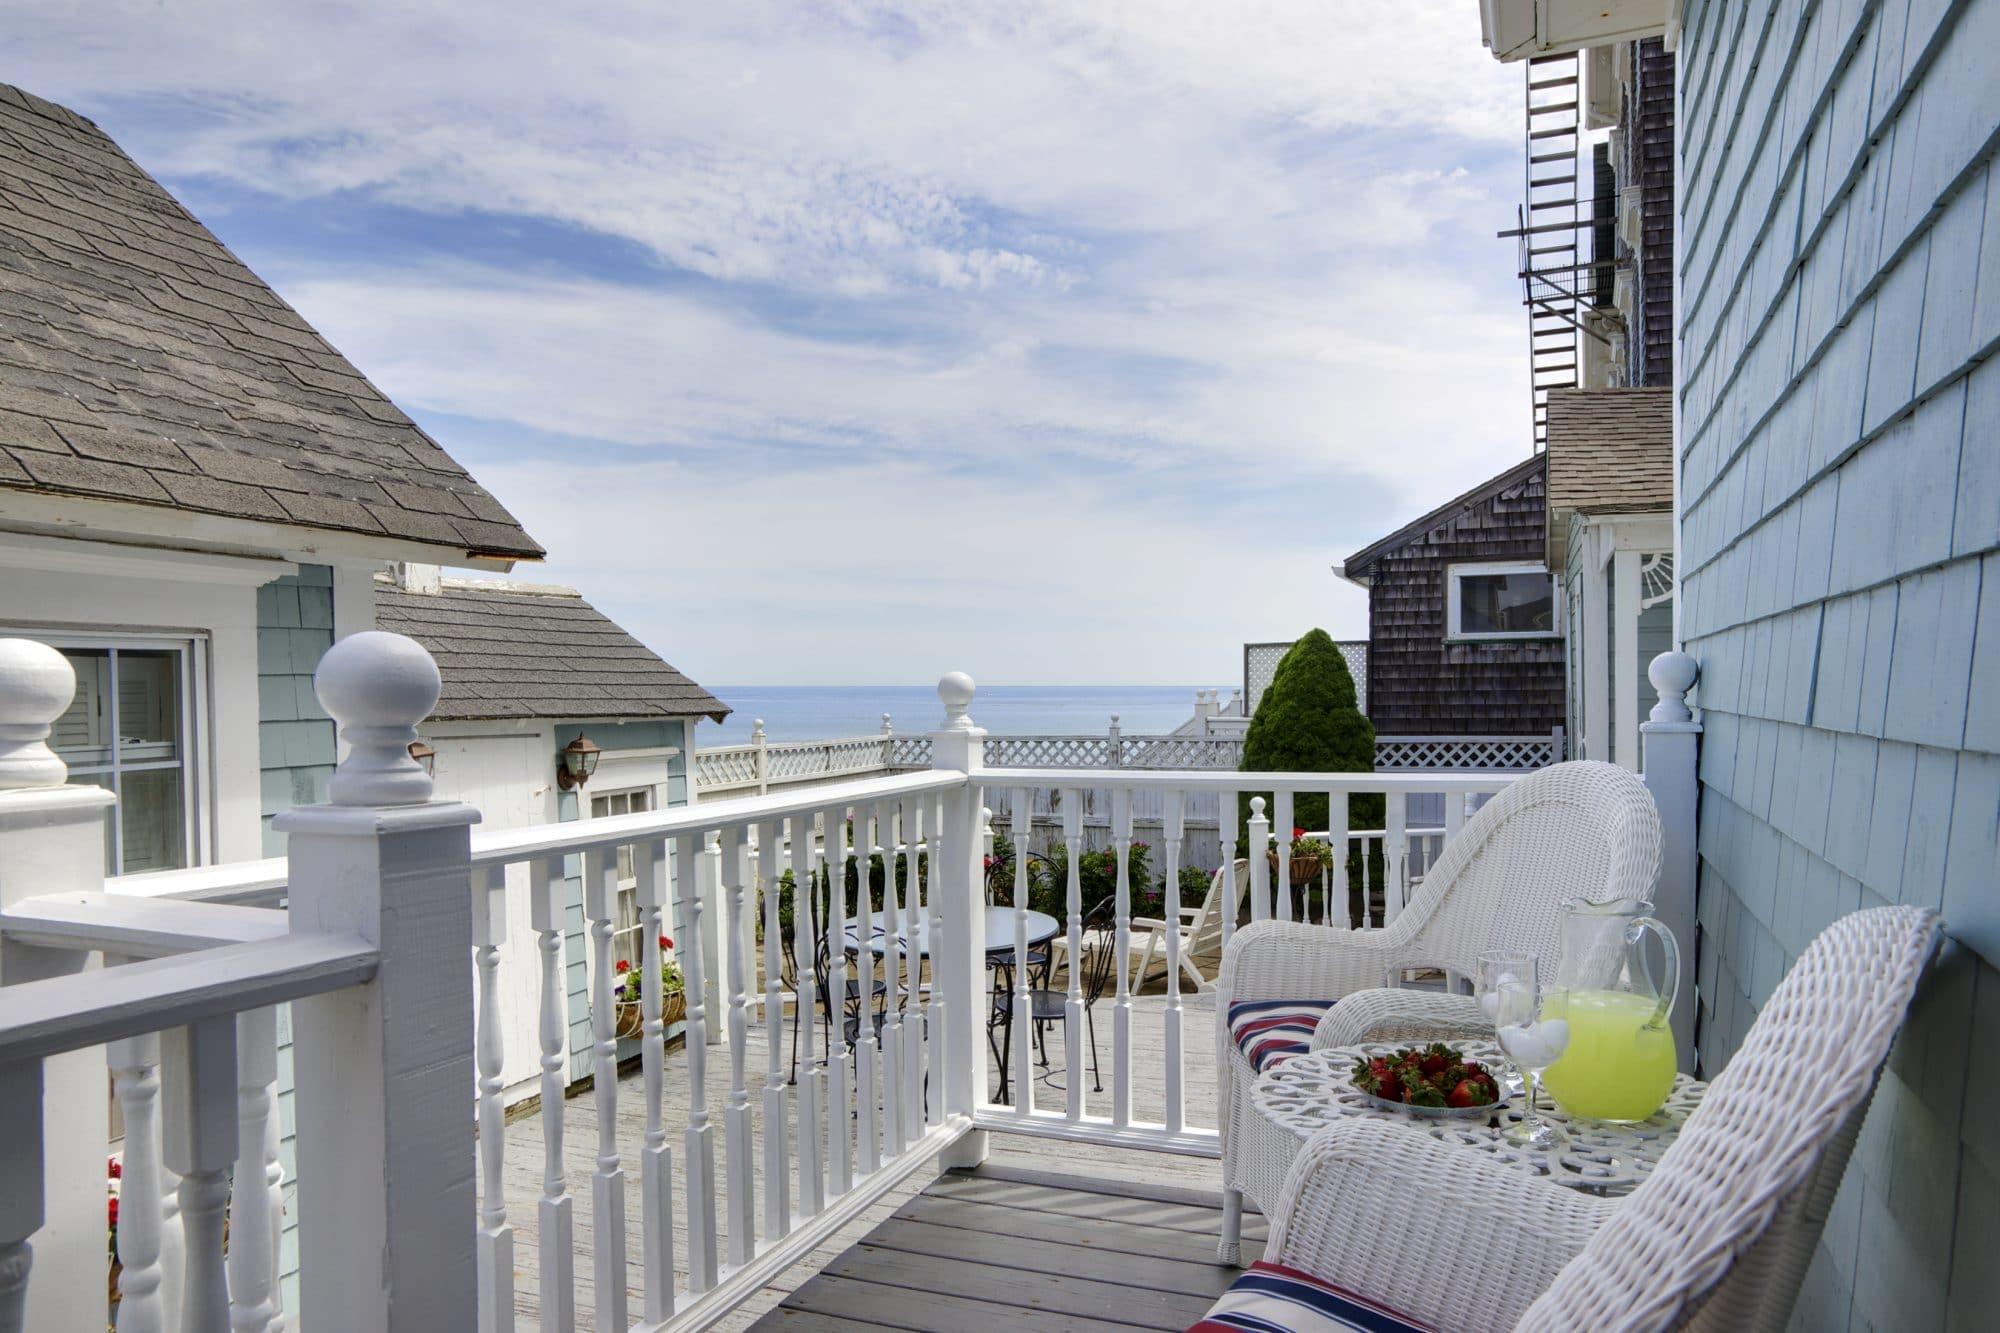 13 Blue Dory Inn 6-2011